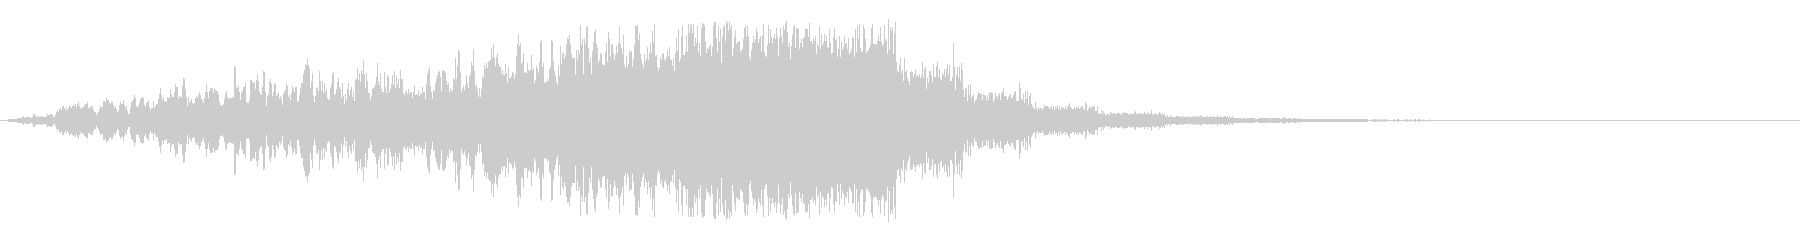 Dark_SweepUp-11Delayの未再生の波形